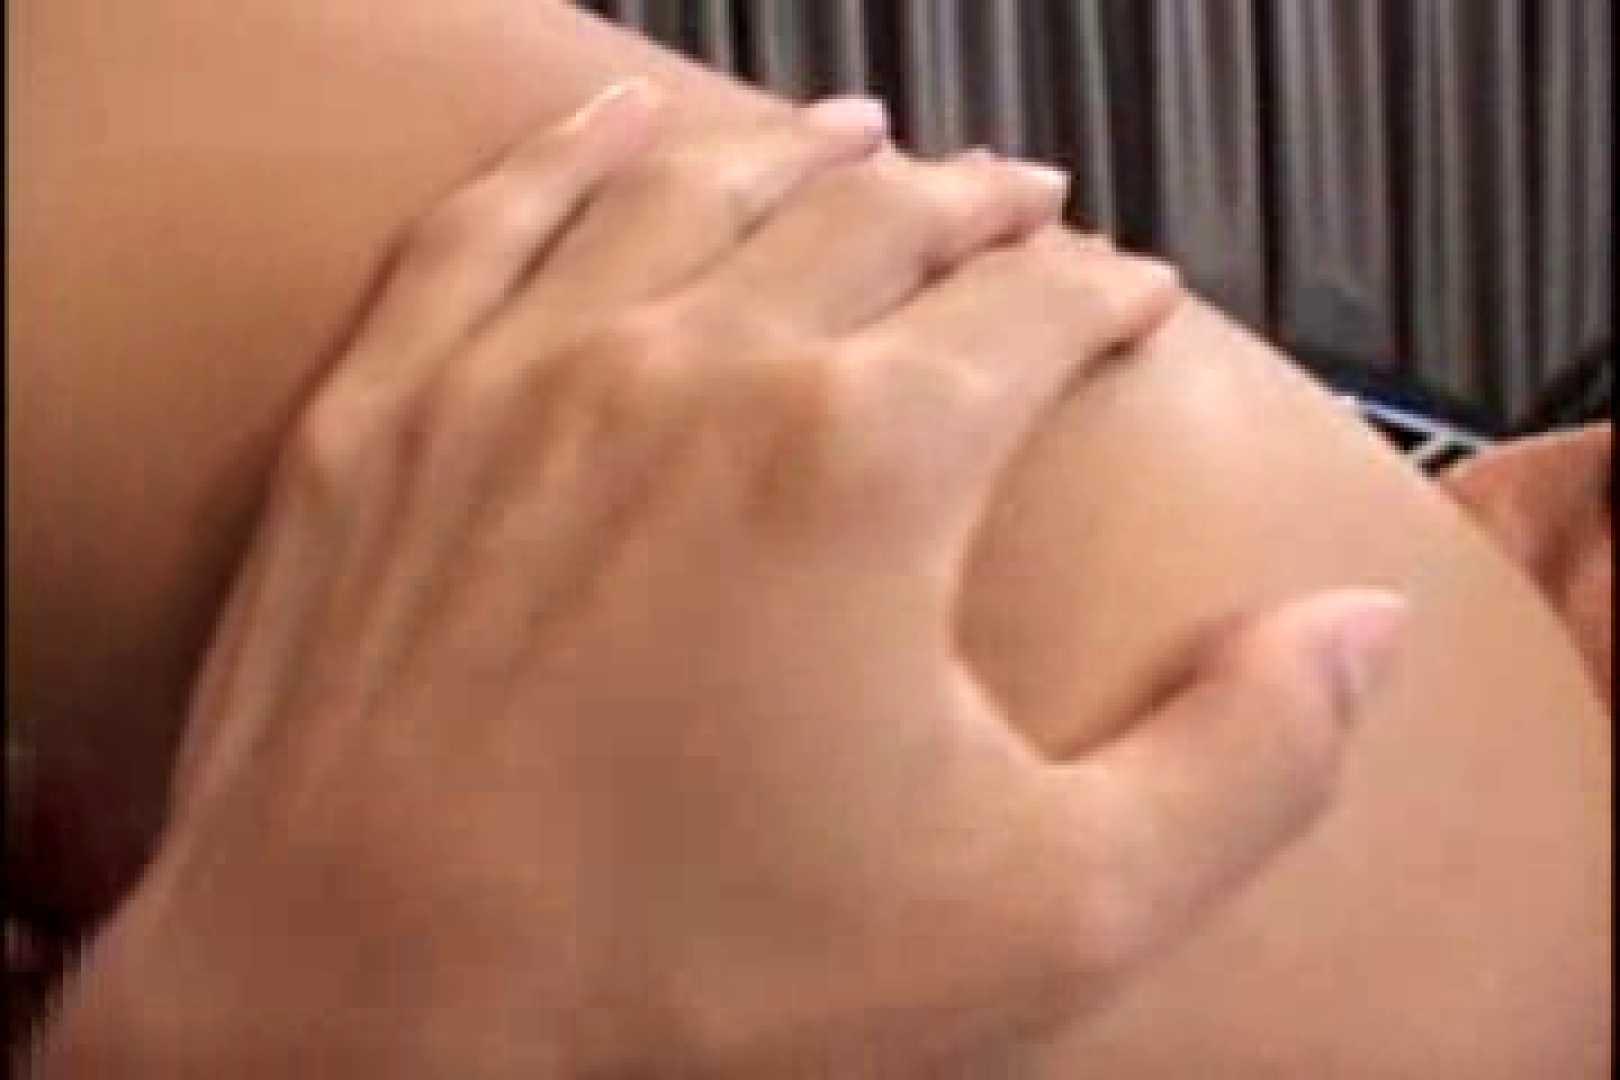 大集合!!カッコ可愛いメンズの一穴入根!! vol.06 シックス・ナイン ゲイ丸見え画像 77pic 19